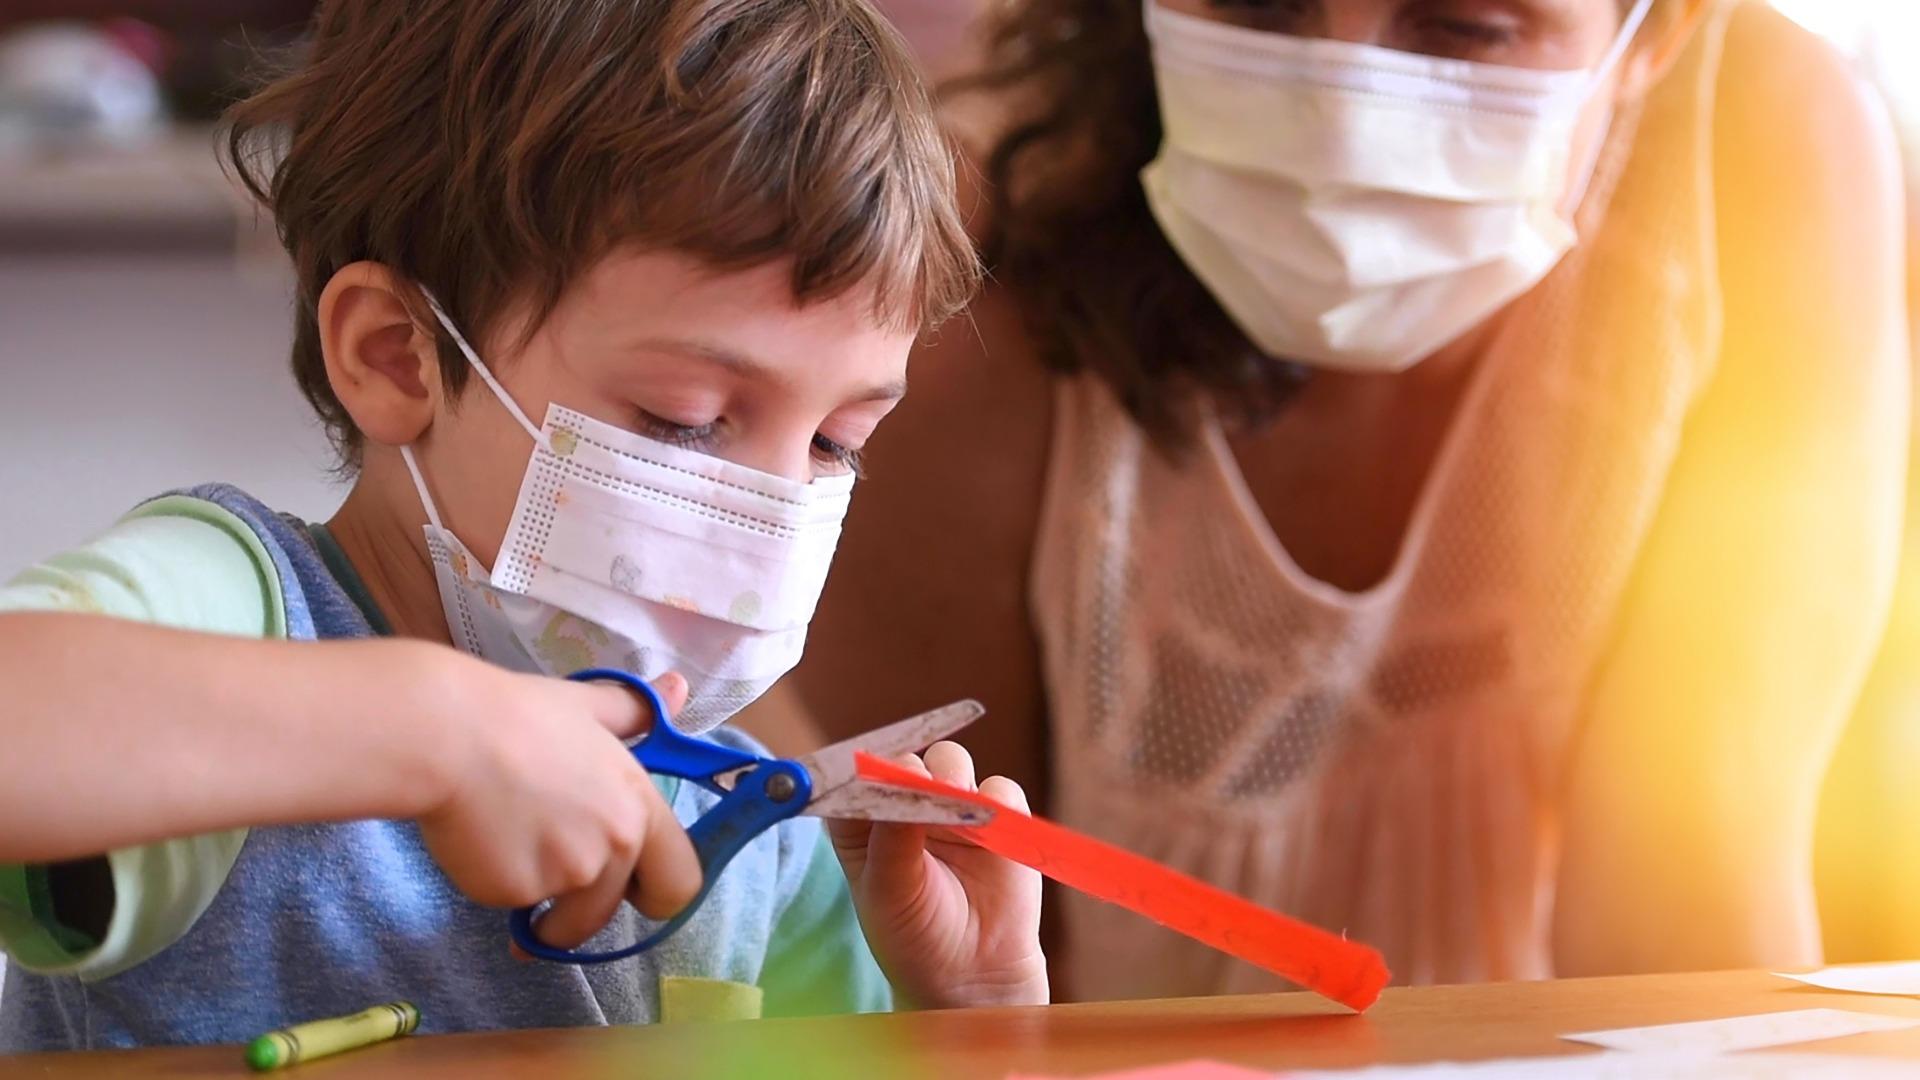 Κορωνοϊός: Πάνω από 1,5 εκατομμύρια παιδιά έχασαν τουλάχιστον έναν φροντιστή λόγω της πανδημίας